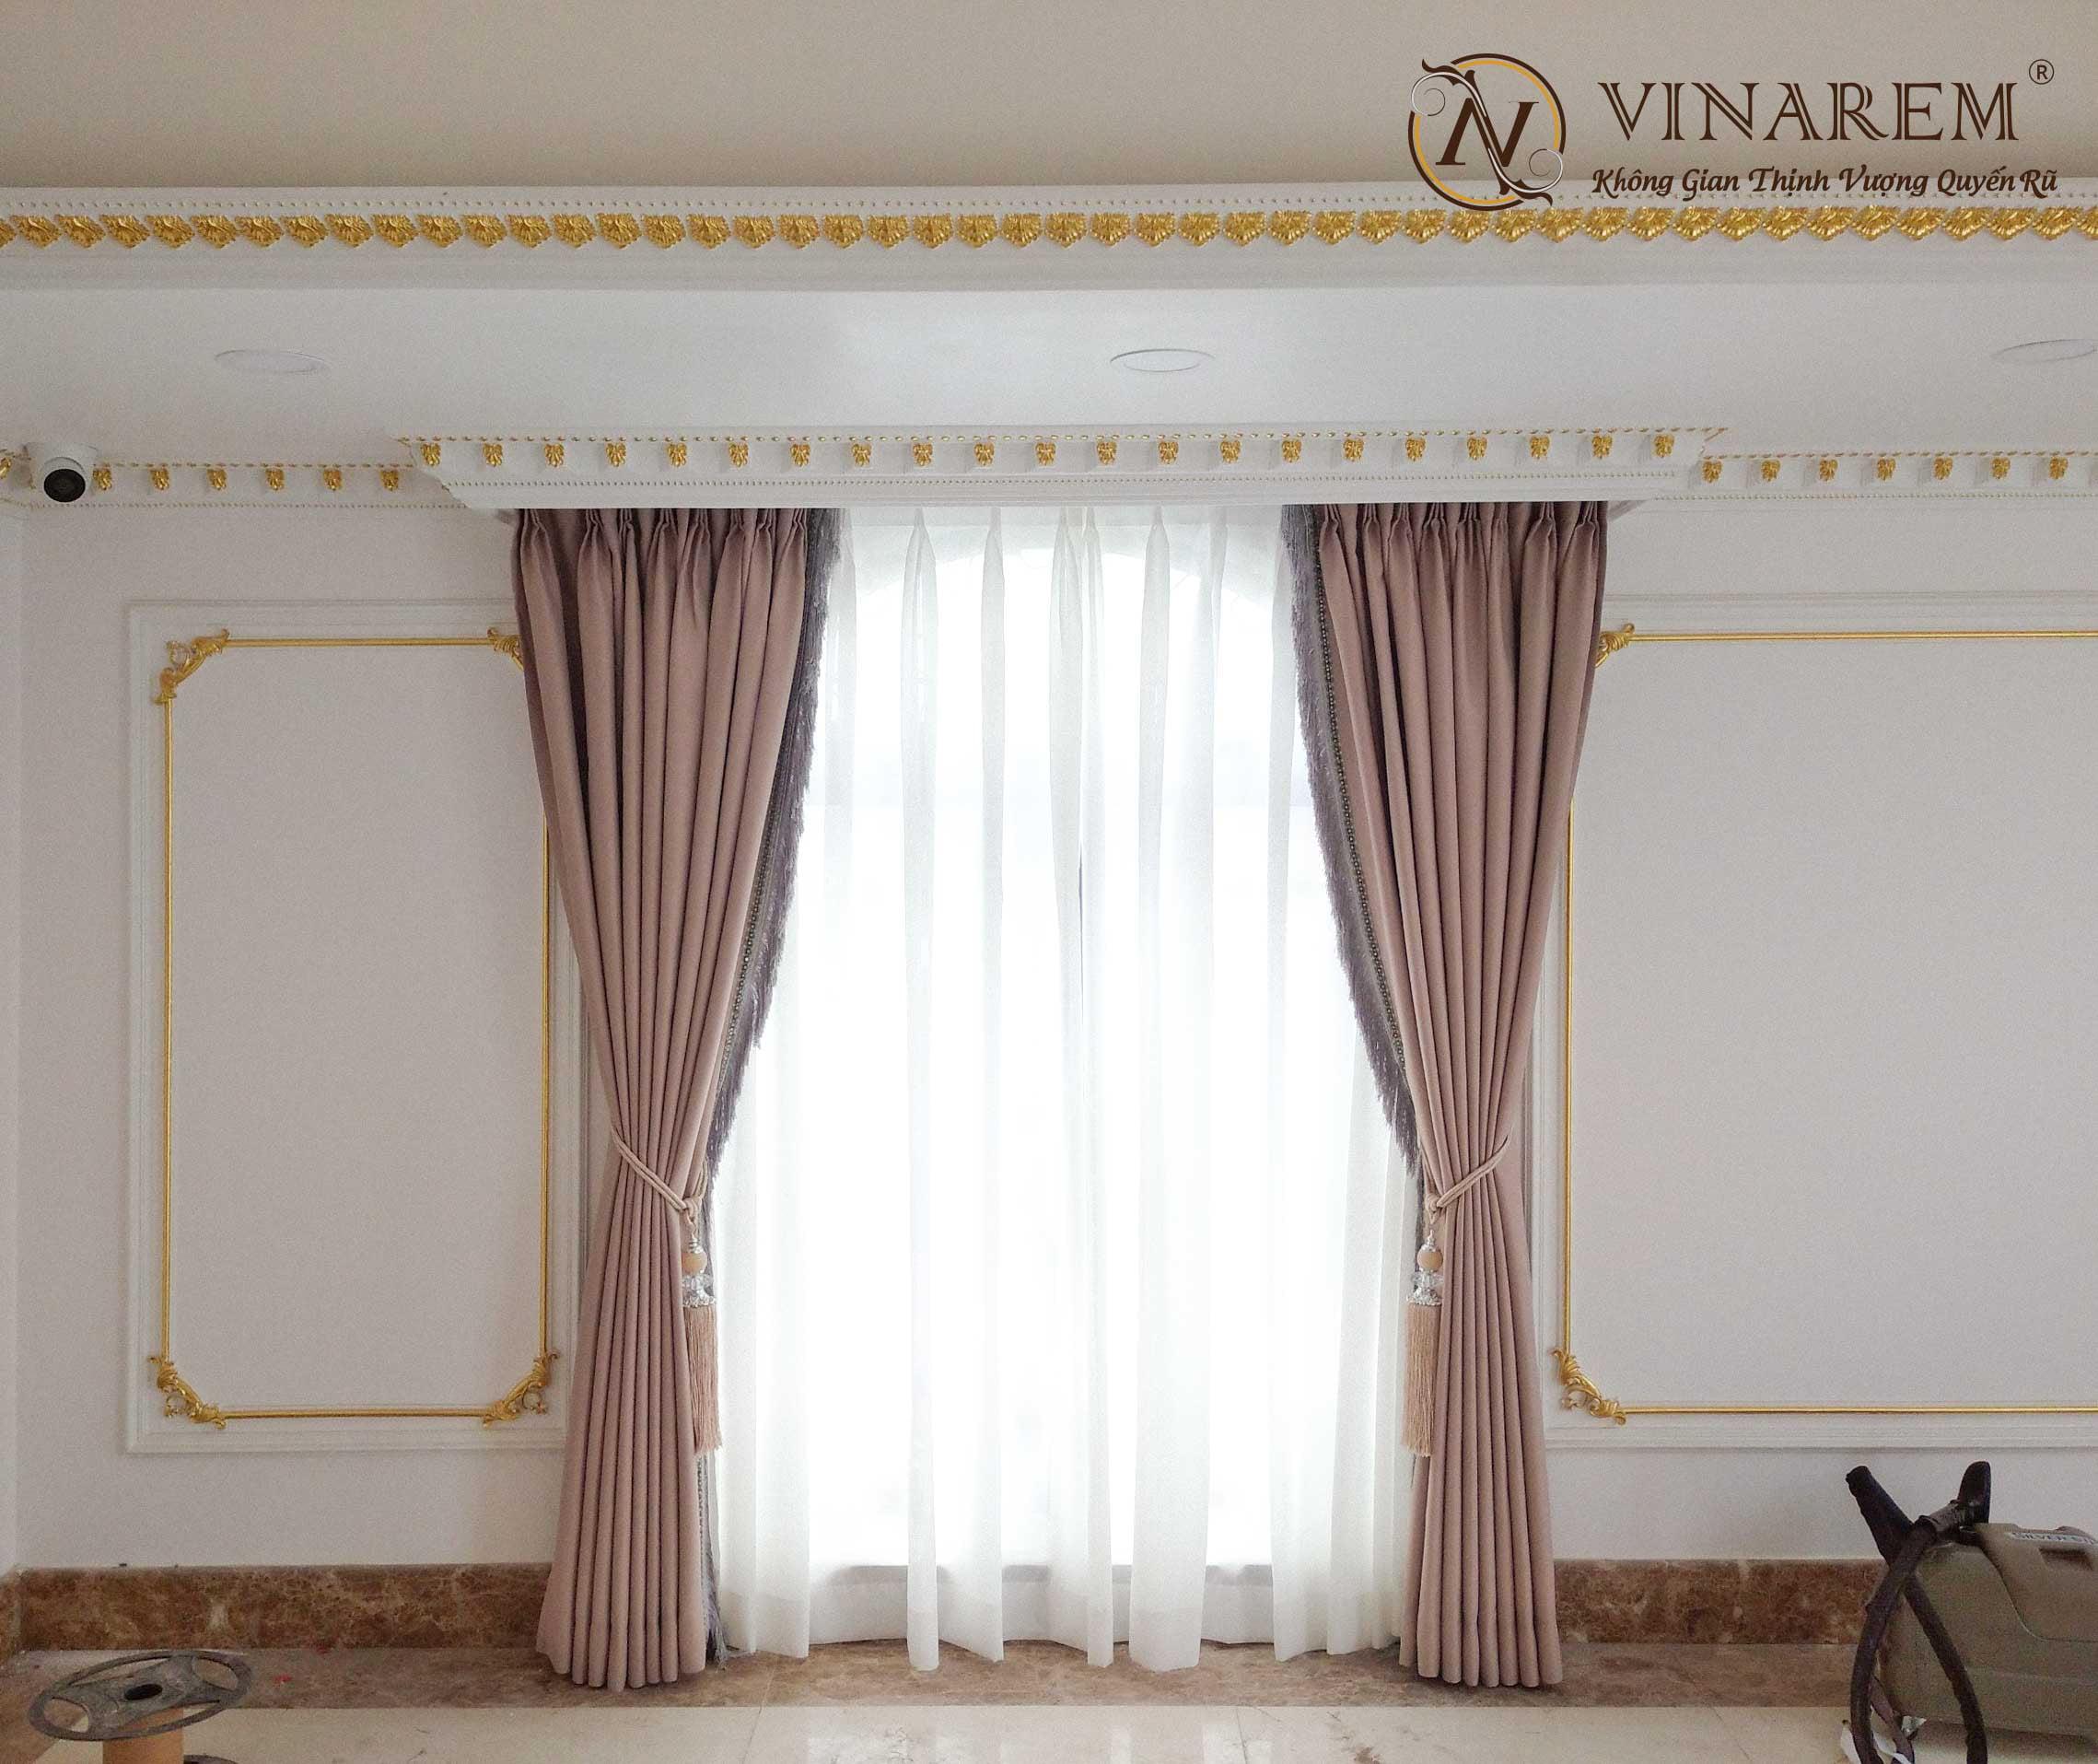 Rèm vải hai lớp  màu nâu cổ điển | Vinarem